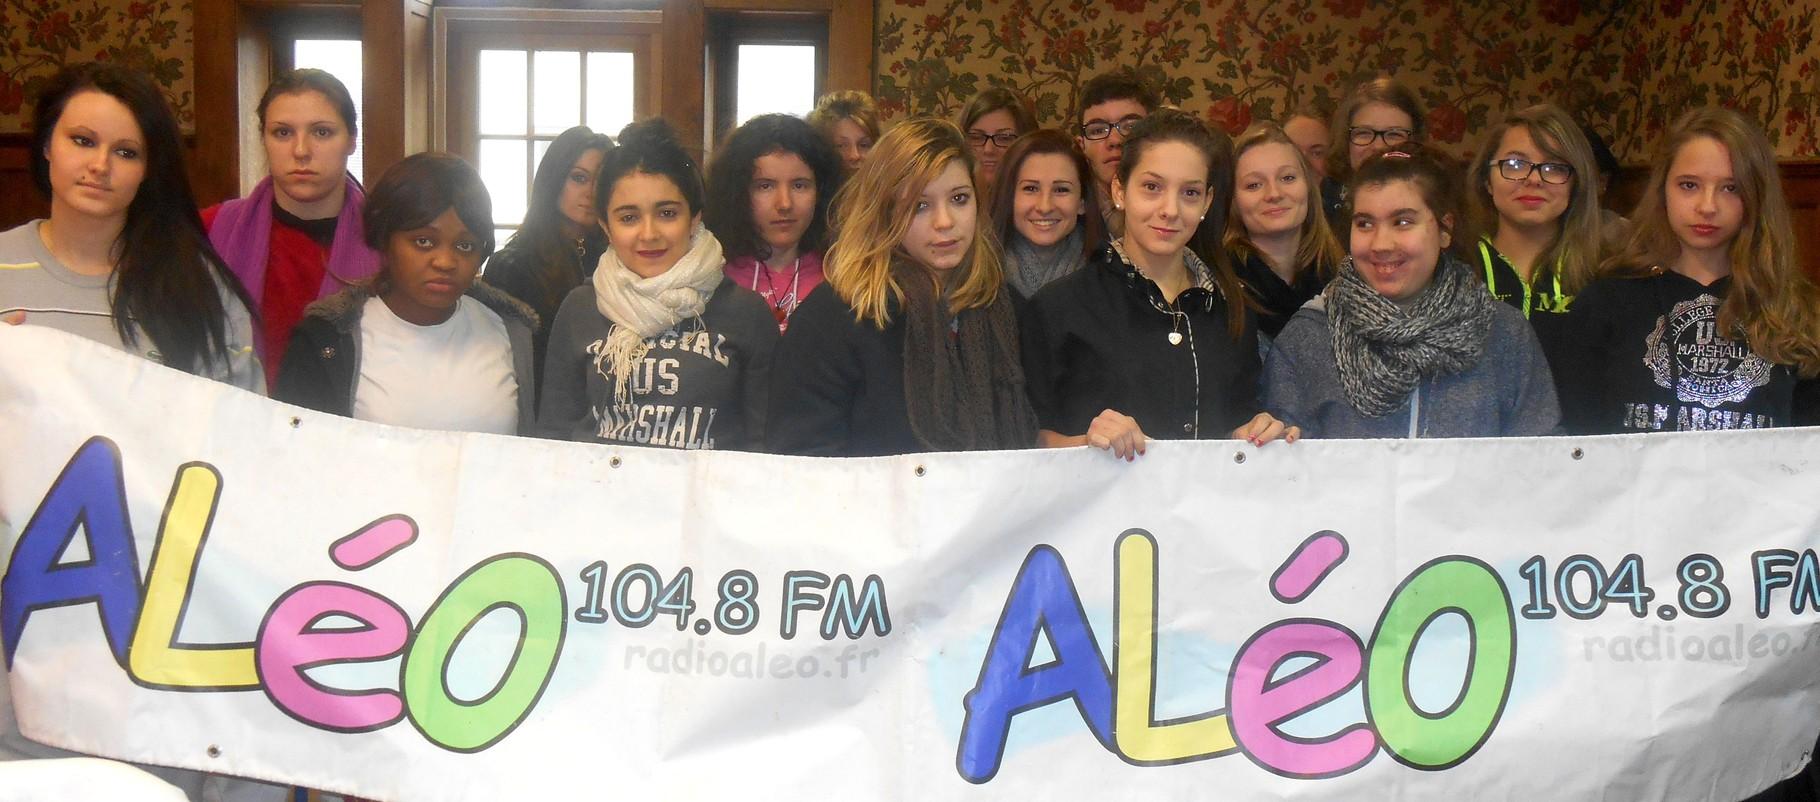 Février 2015, petit clin d'oeil de la part des élèves de la MFR de Charentay :)